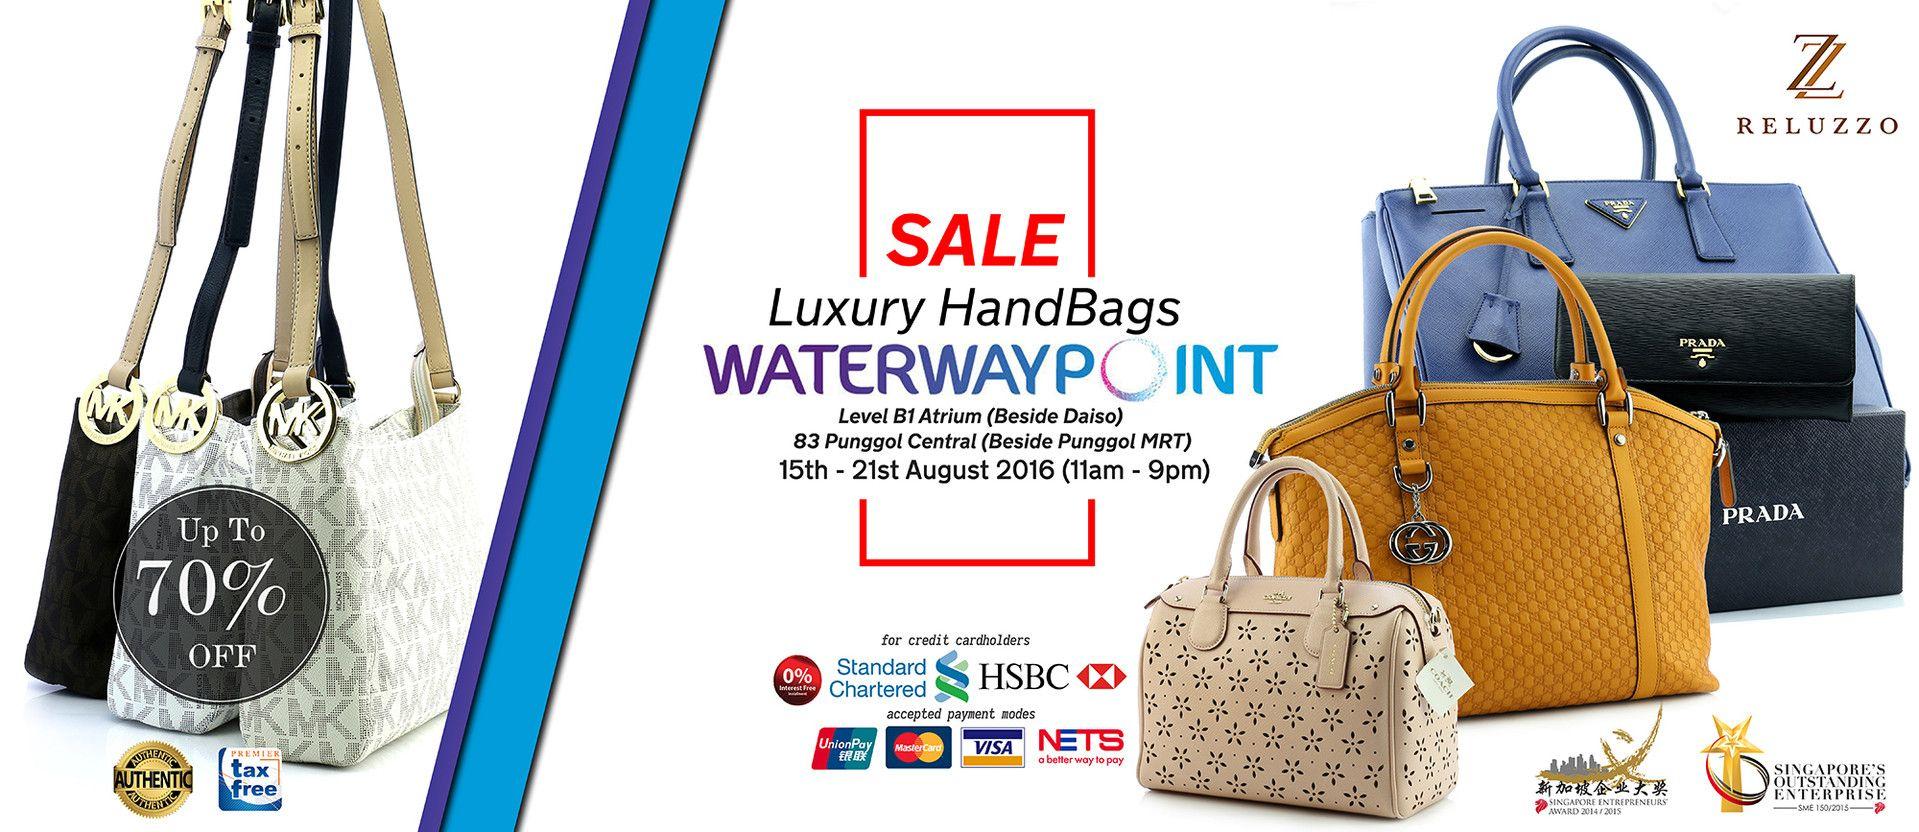 c6109458a521 waterway point waterwaypoint luxury handbag sale